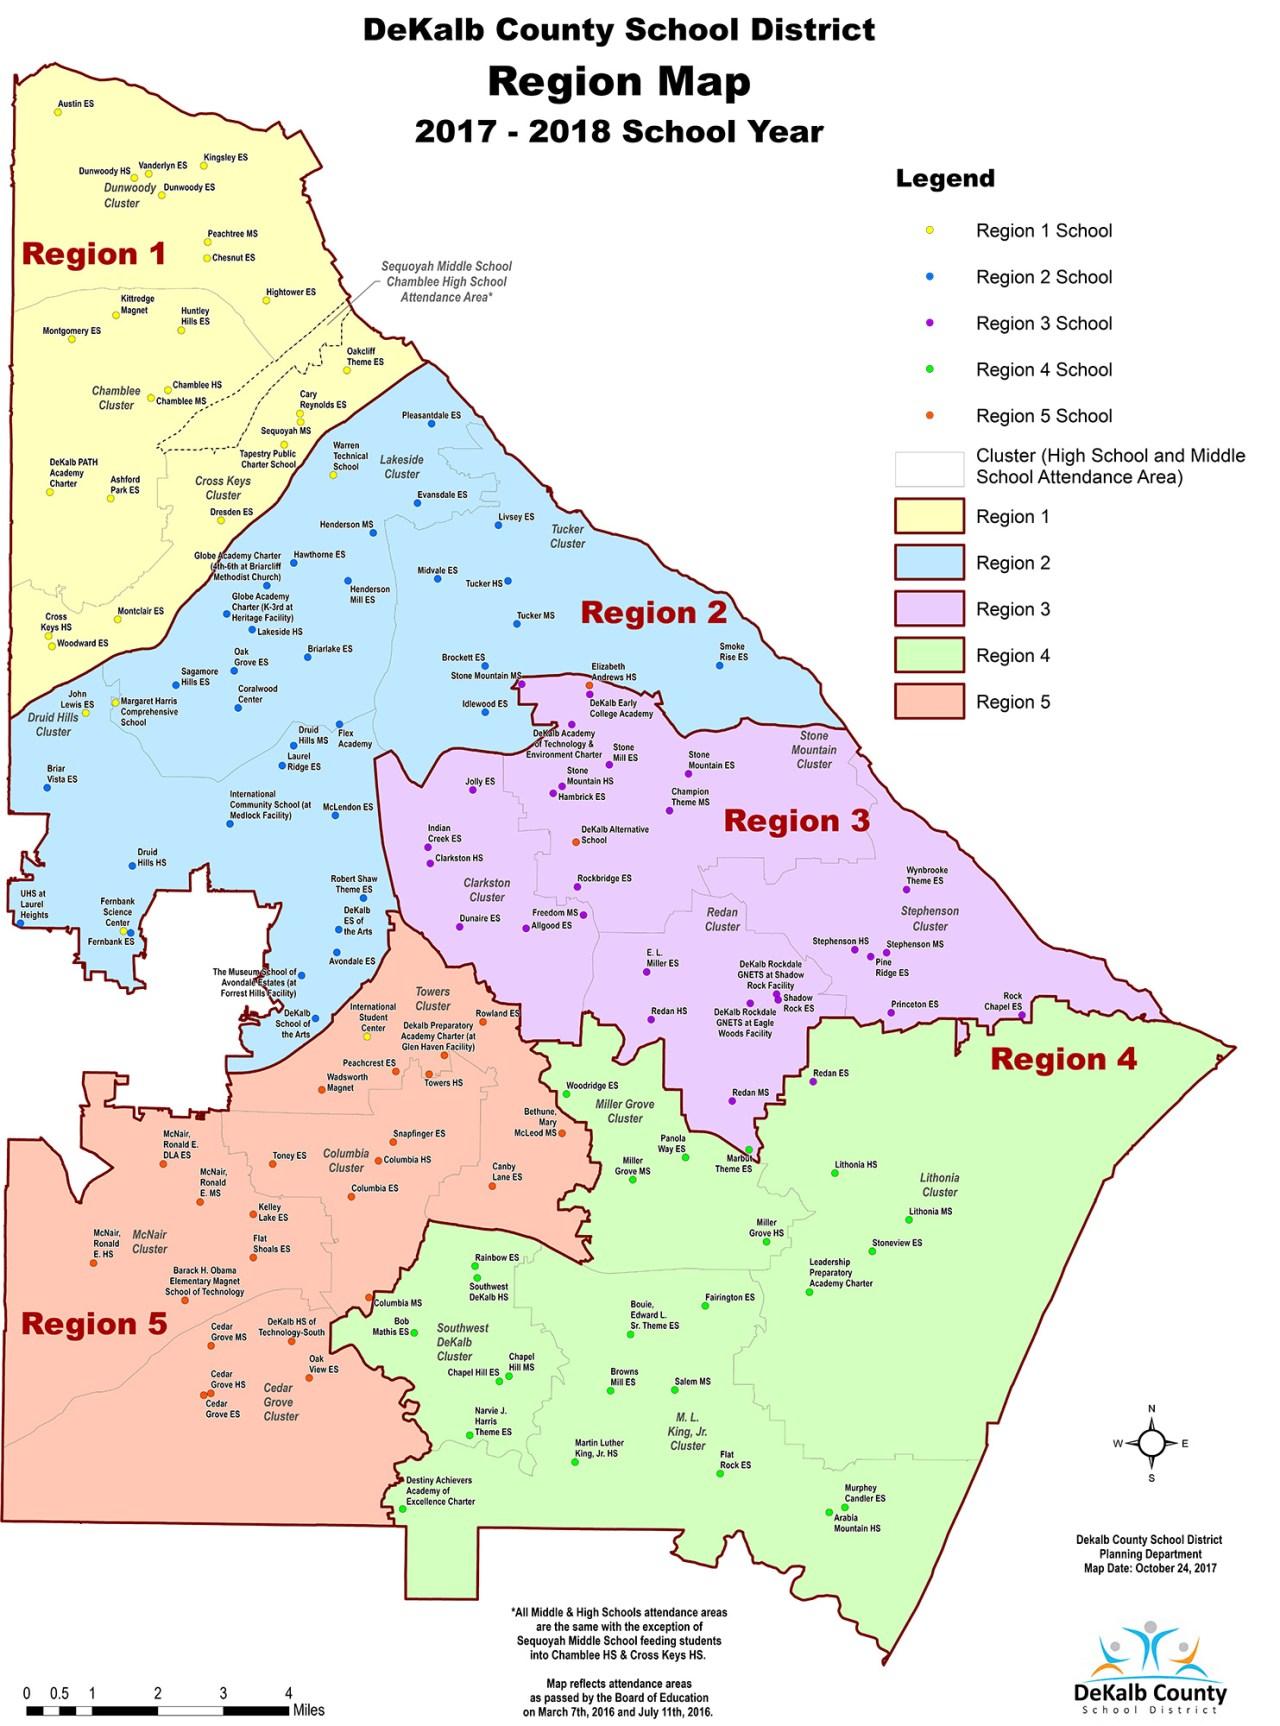 Regions 2016 - 2017 School Year